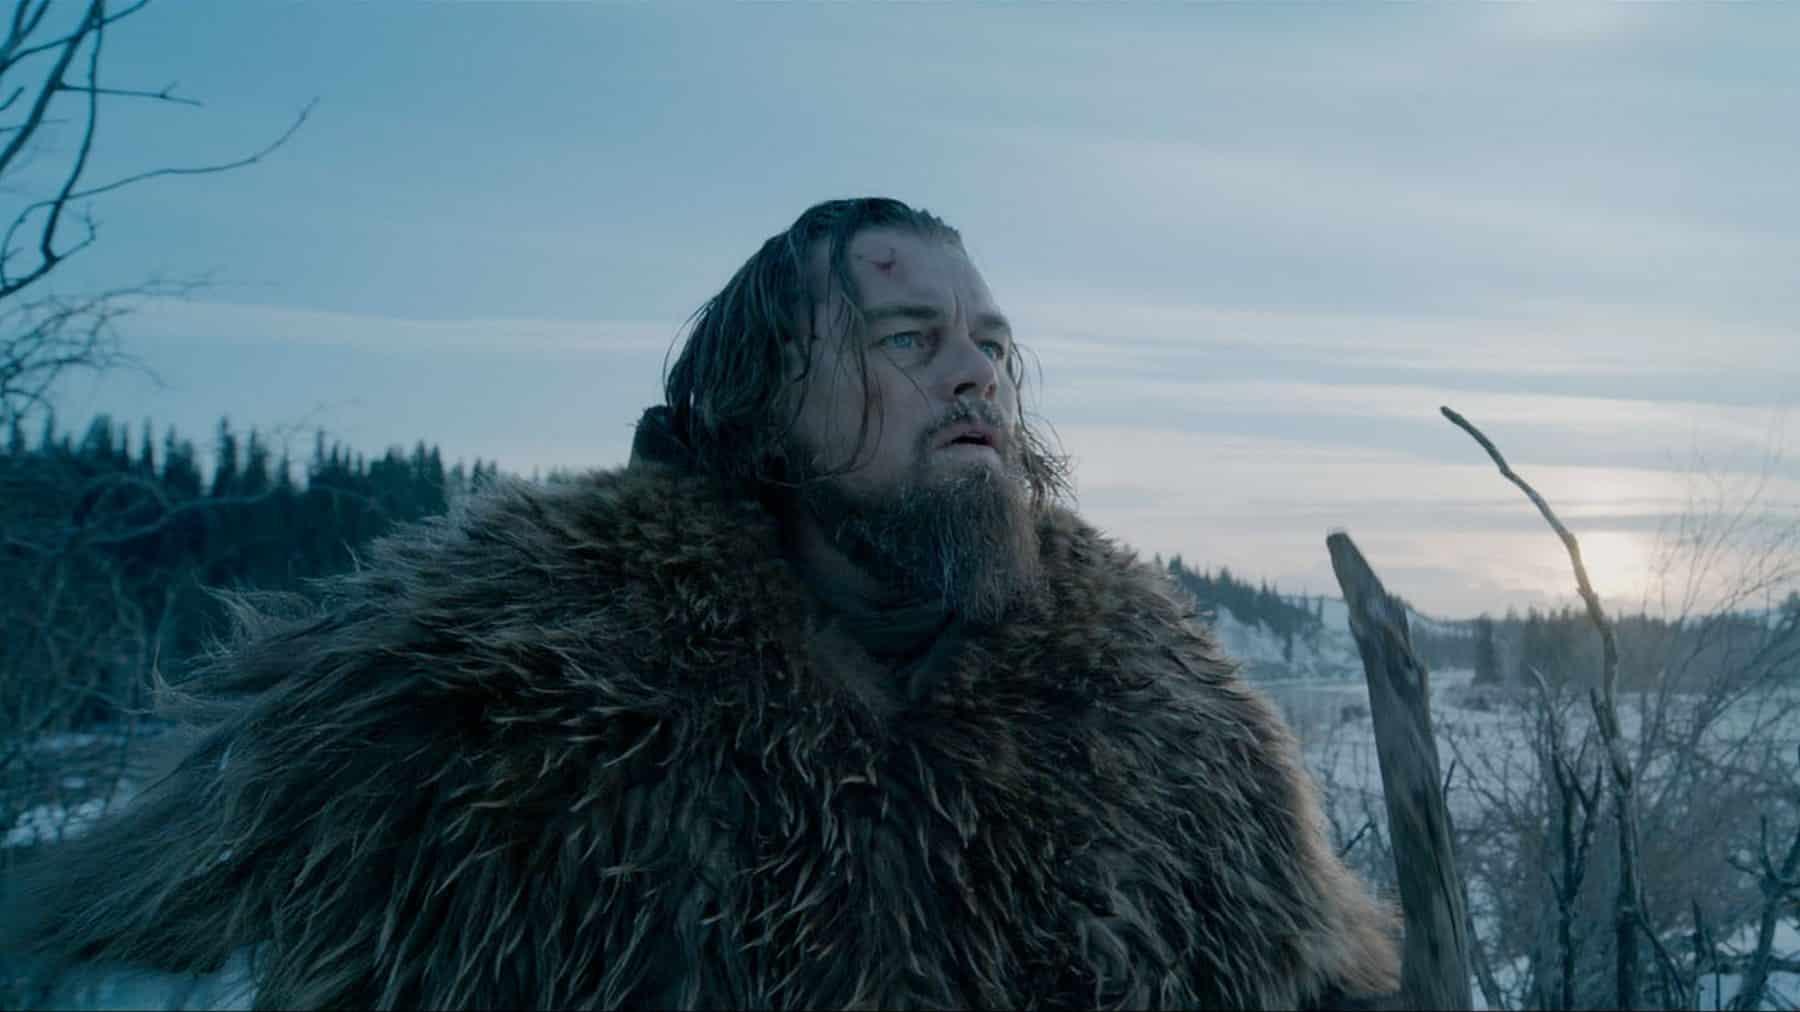 Leonardo DiCaprio entrega una desgarradora actuación como Hugh Glass en 'The Revenant'. © 2015 - Twentieth Century Fox